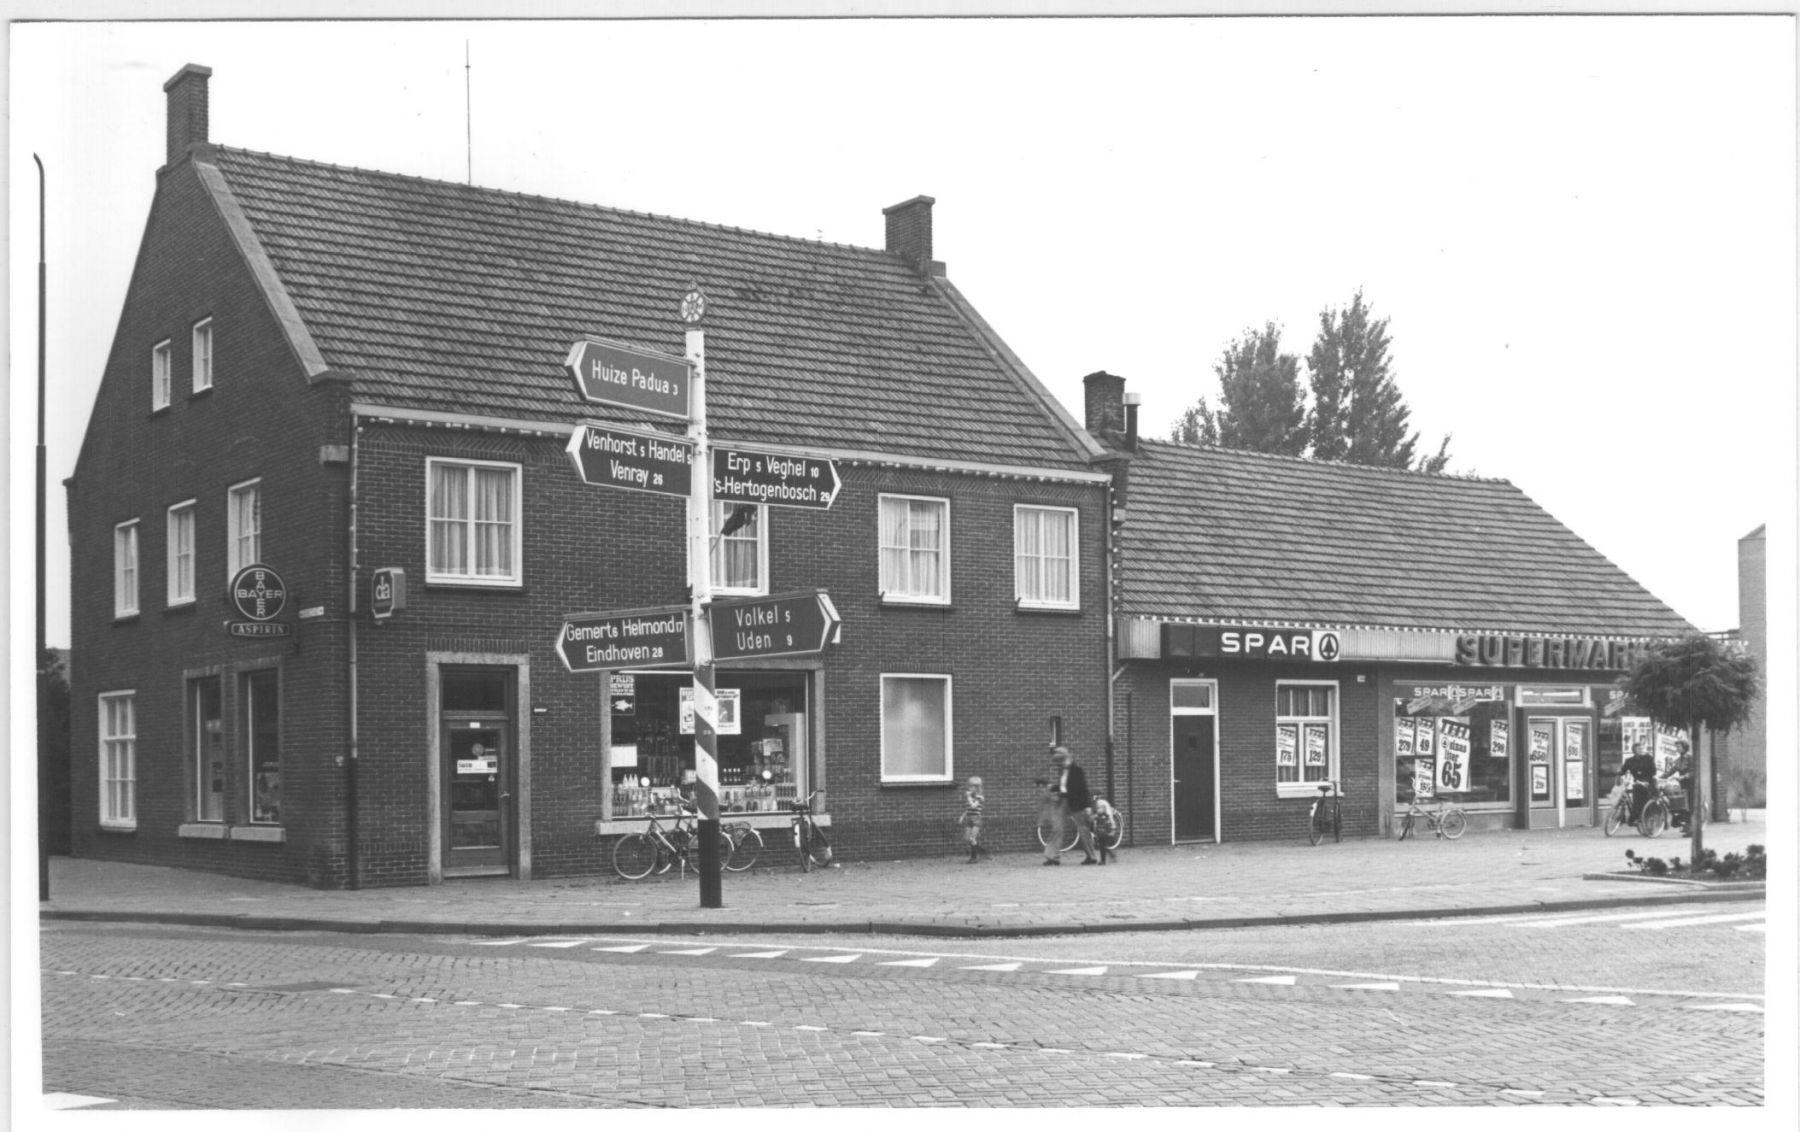 Datering 1980. Winkel Aldenhuijzen.